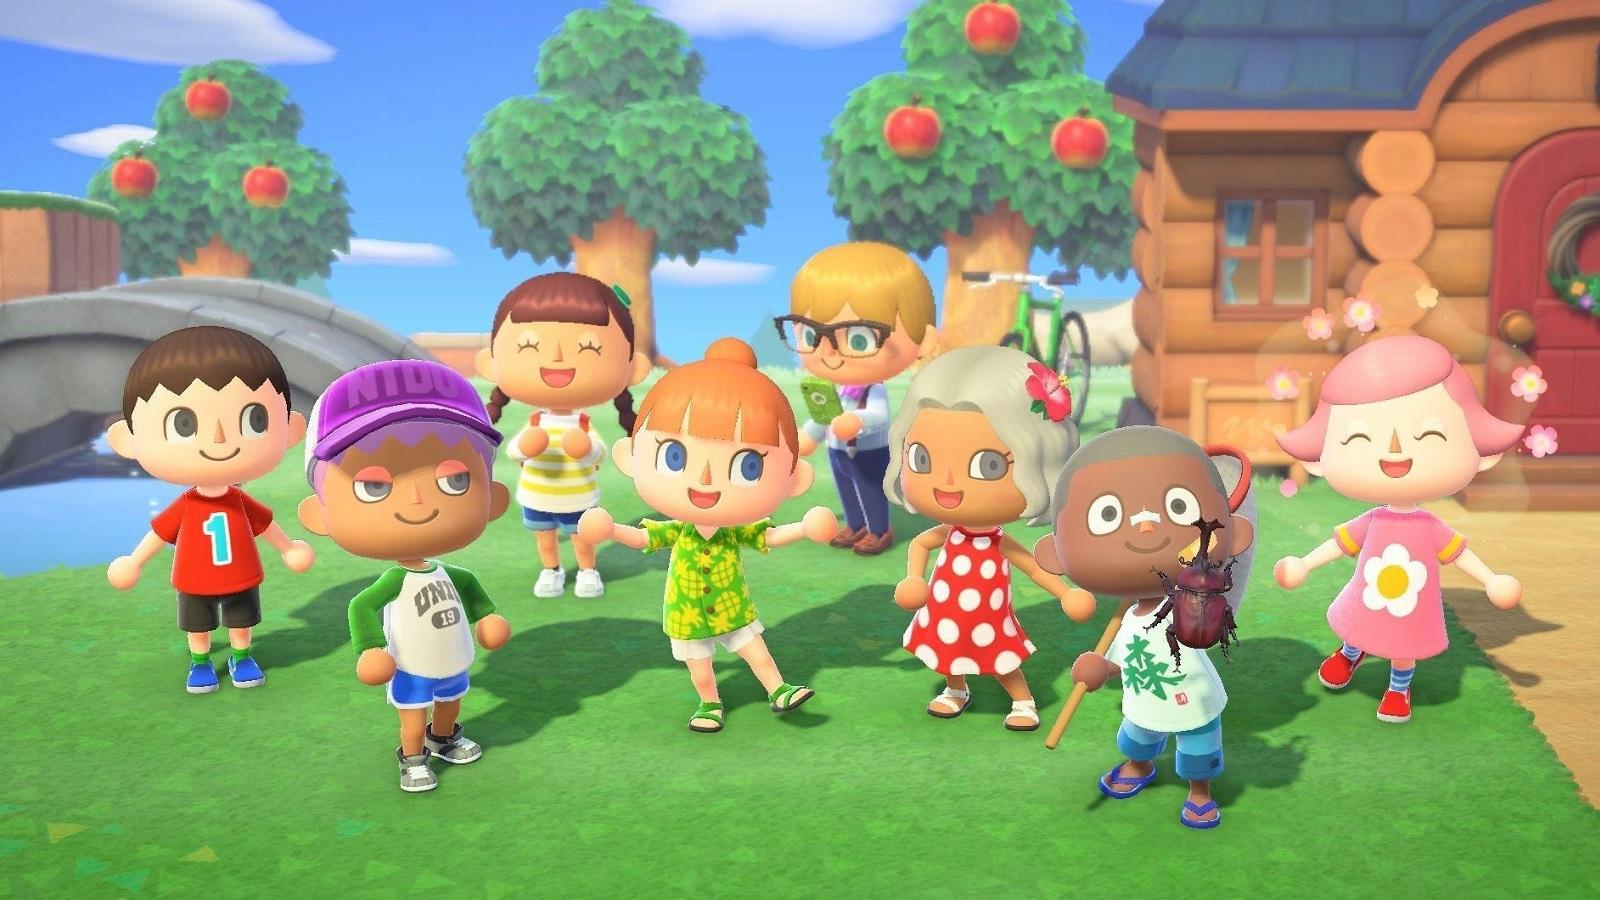 Новый контент для Animal Crossing: New Horizons покажут 15 октября